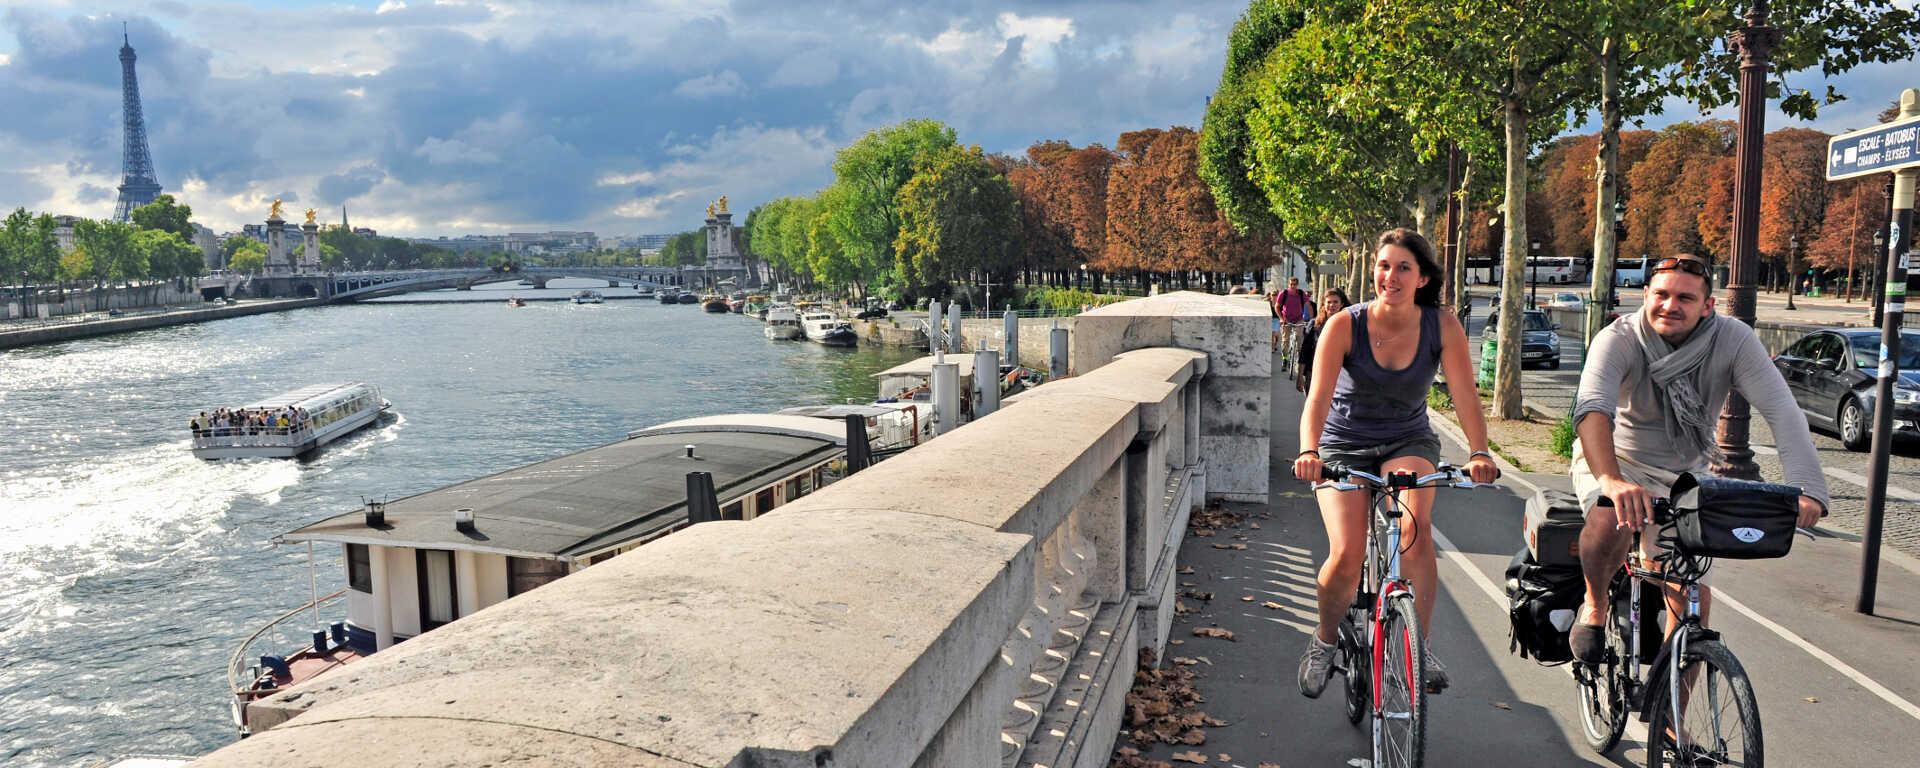 Paris à vélo : pistes cyclables et balades à proximité